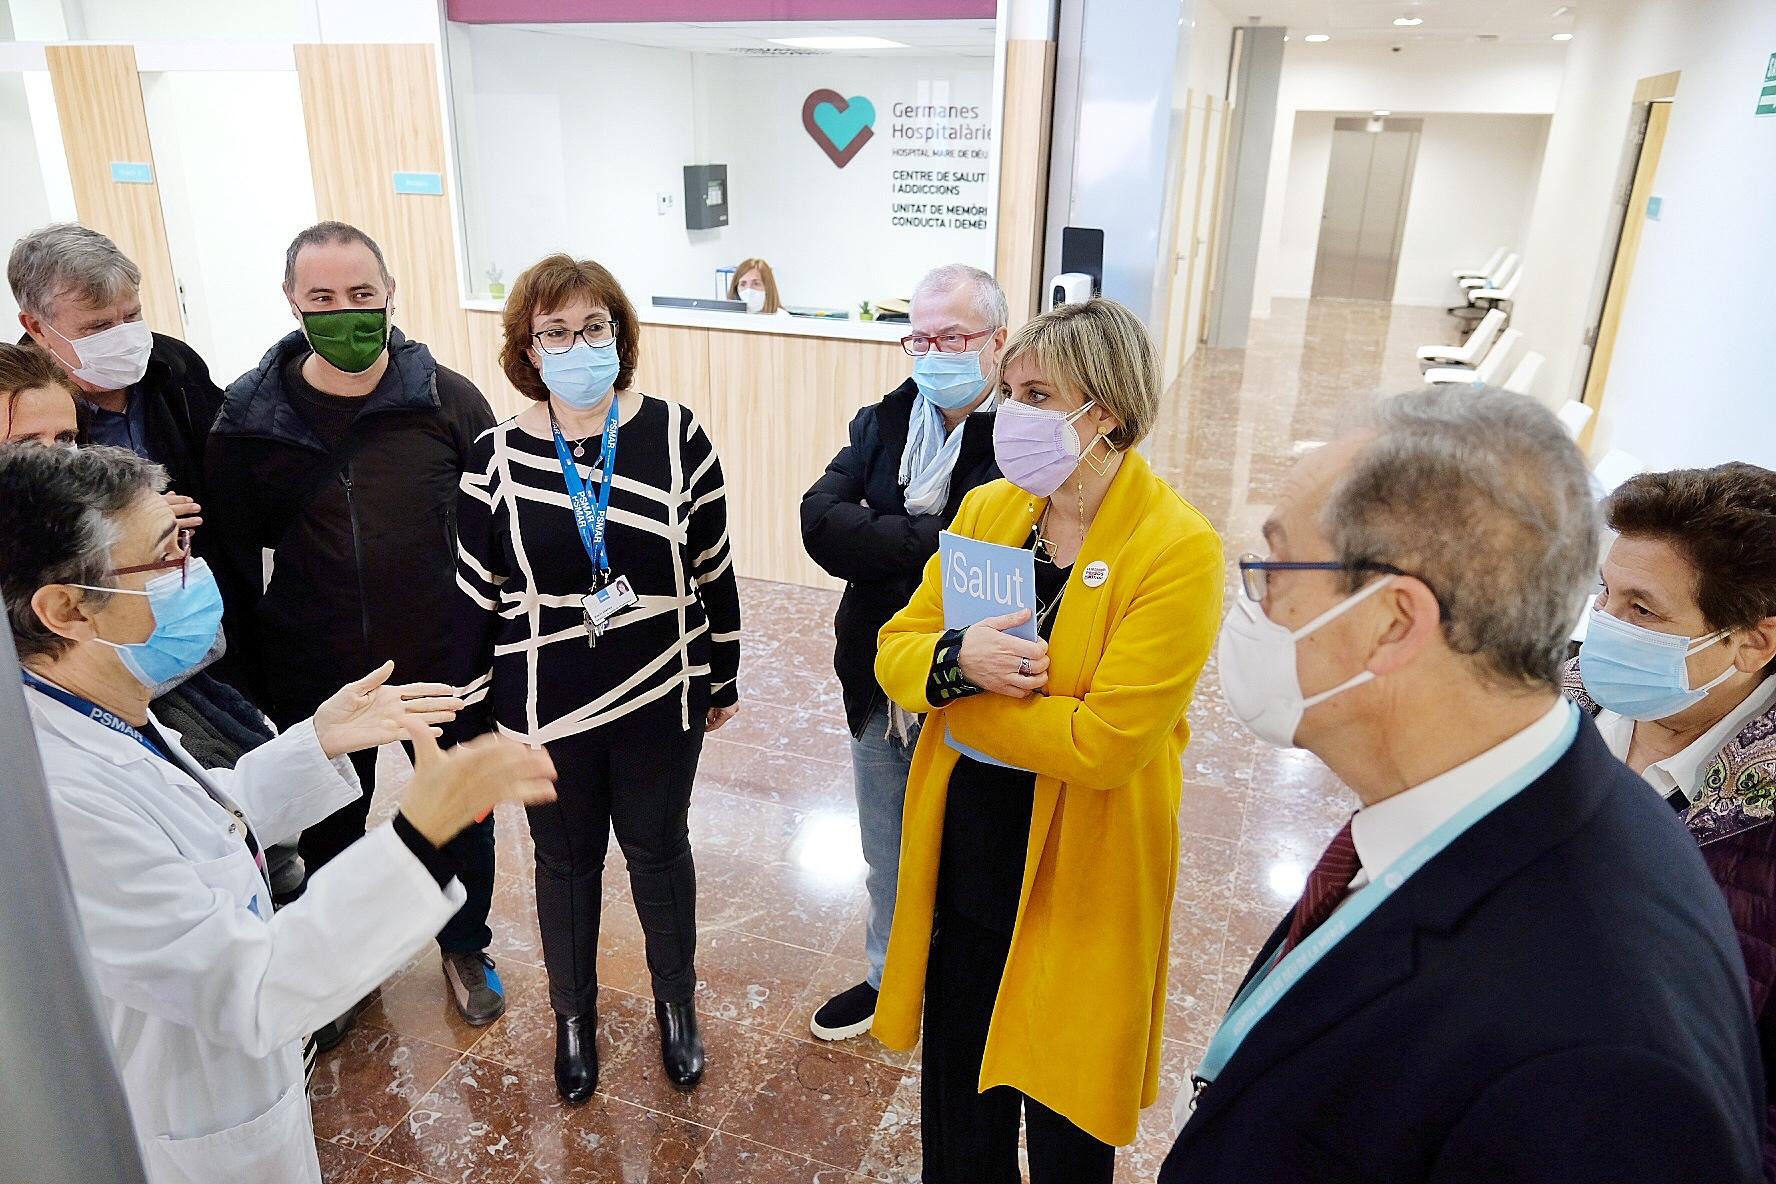 La consellera Vergés durant la visita d'inauguració del nou equipament